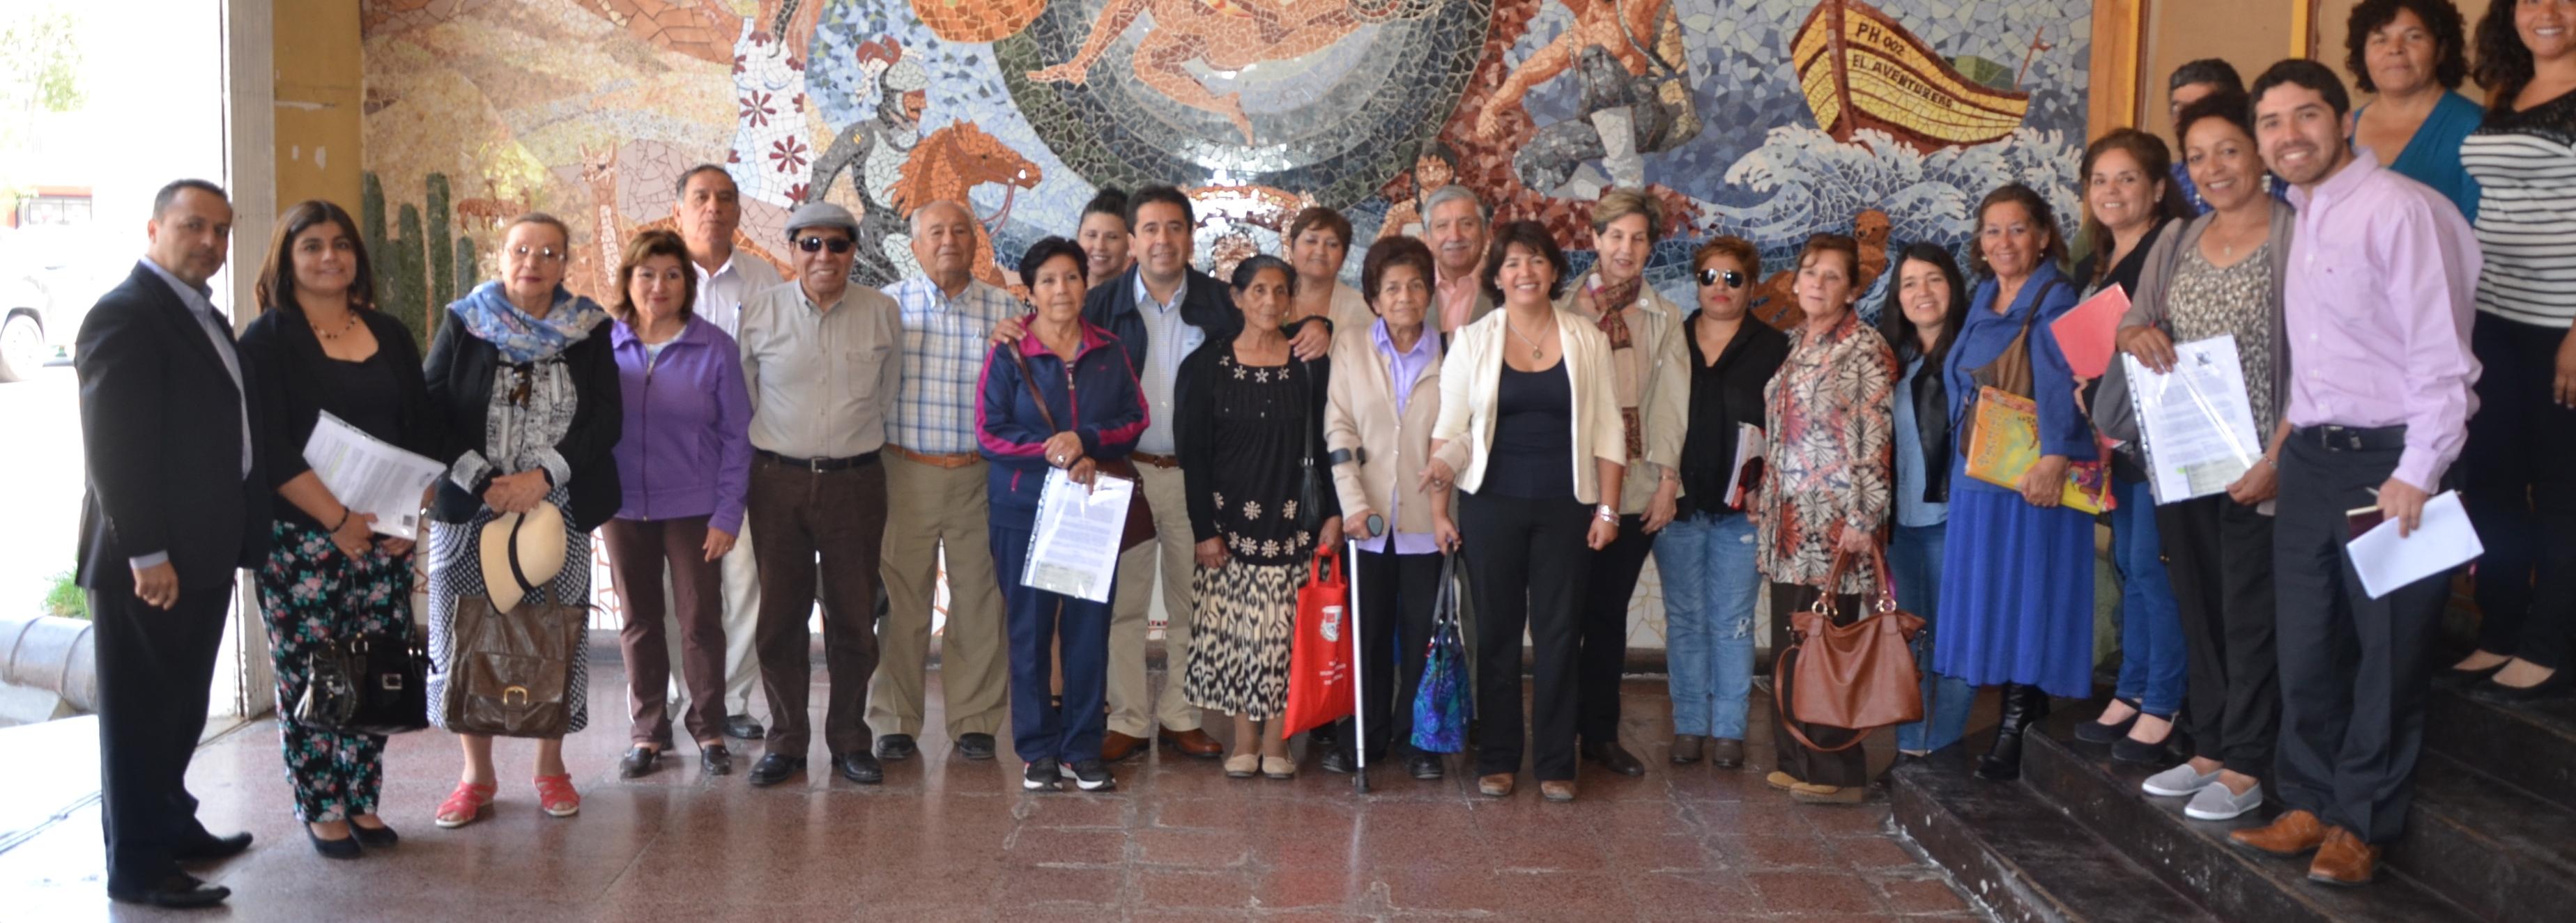 Más de $199 millones para financiar proyectos de cultura en la Provincia del Huasco